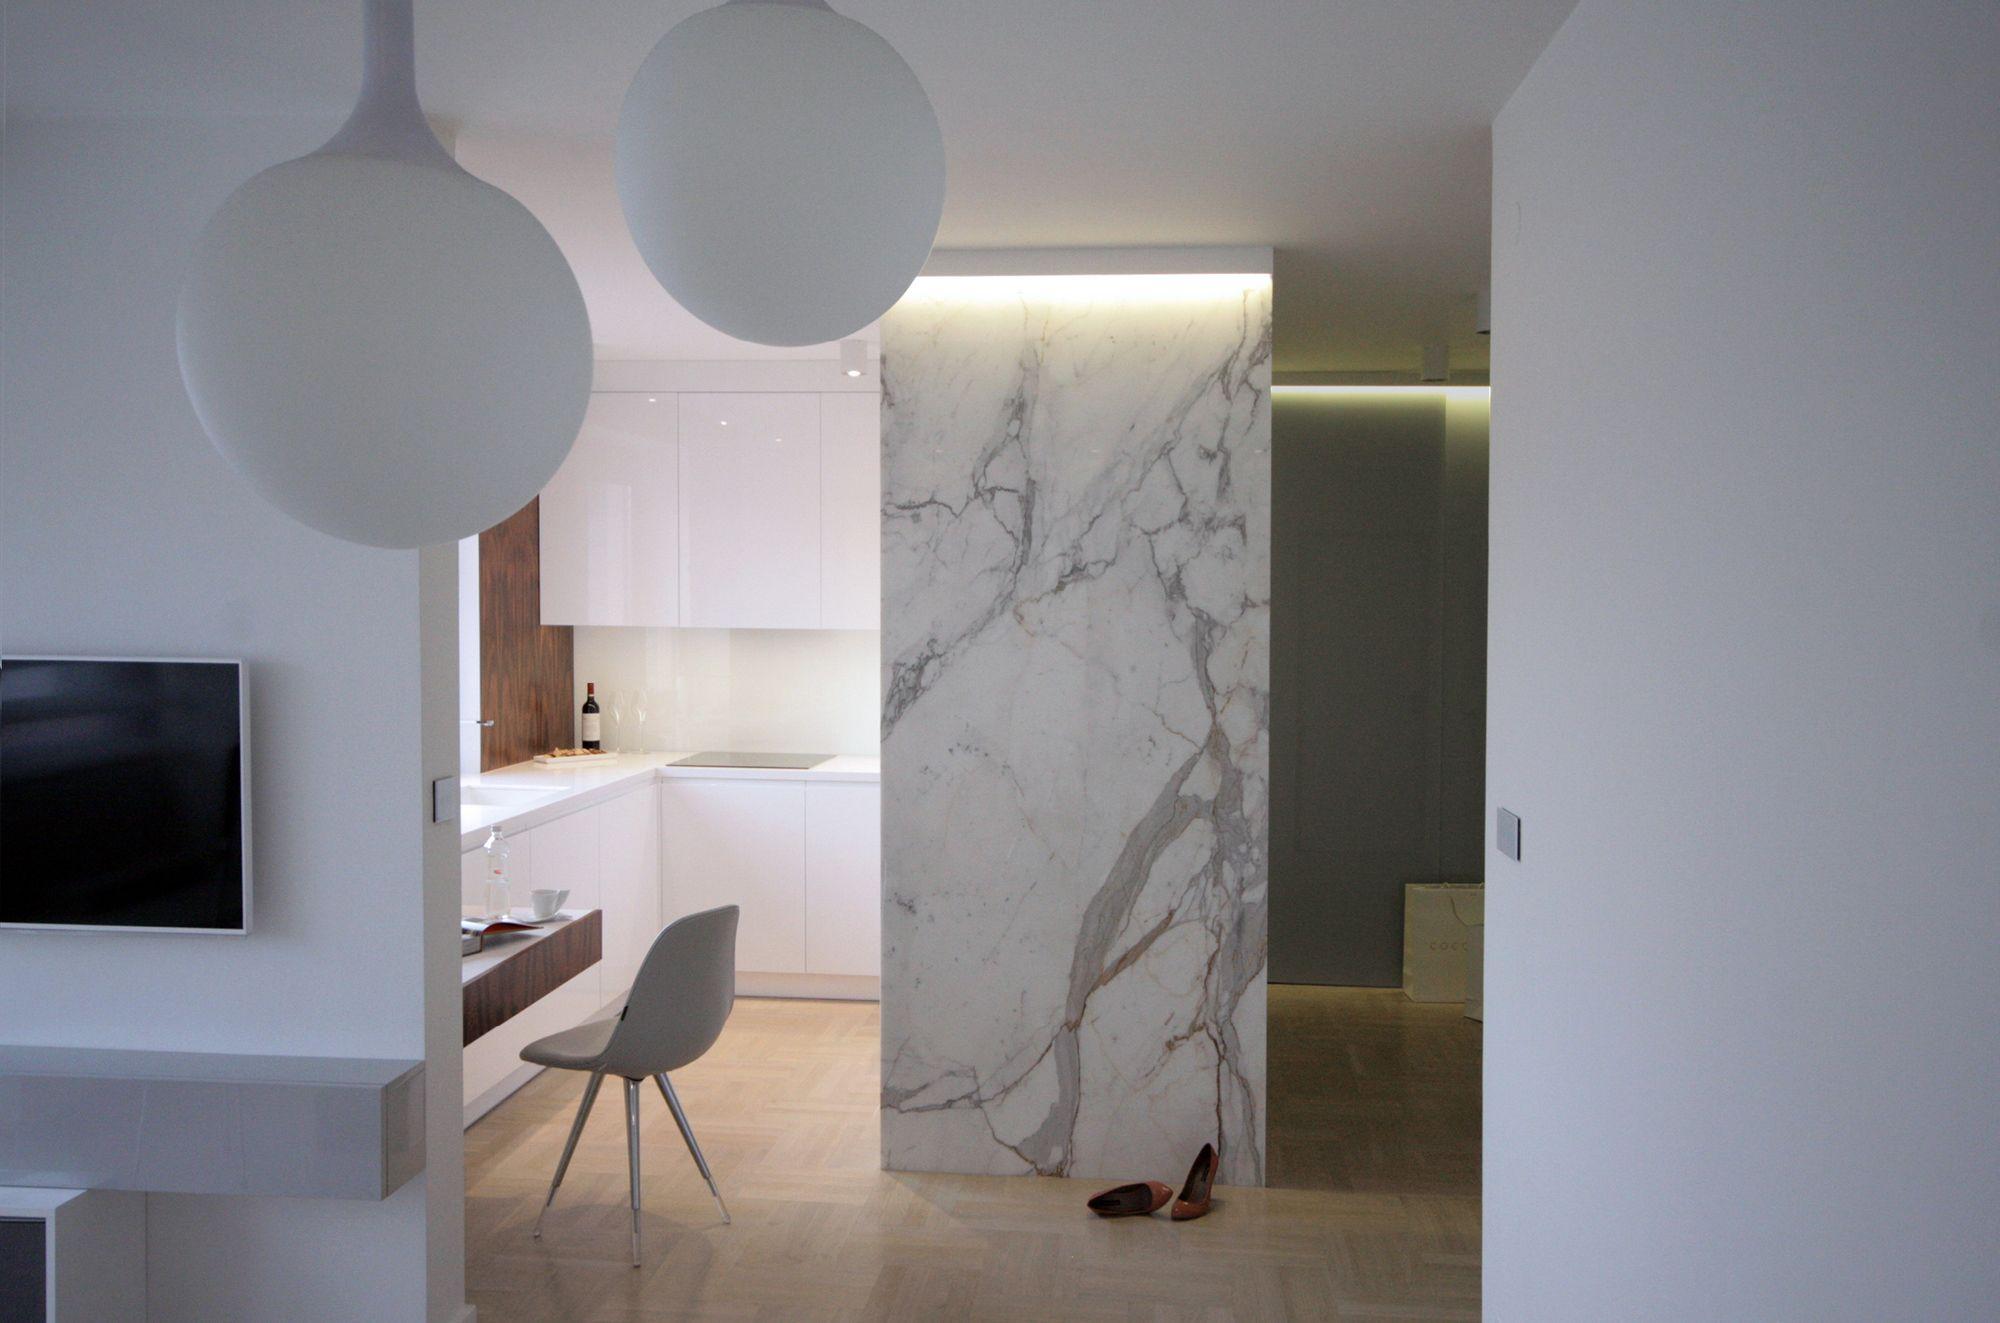 Apartament przy Błoniach 67m² – Realizacja